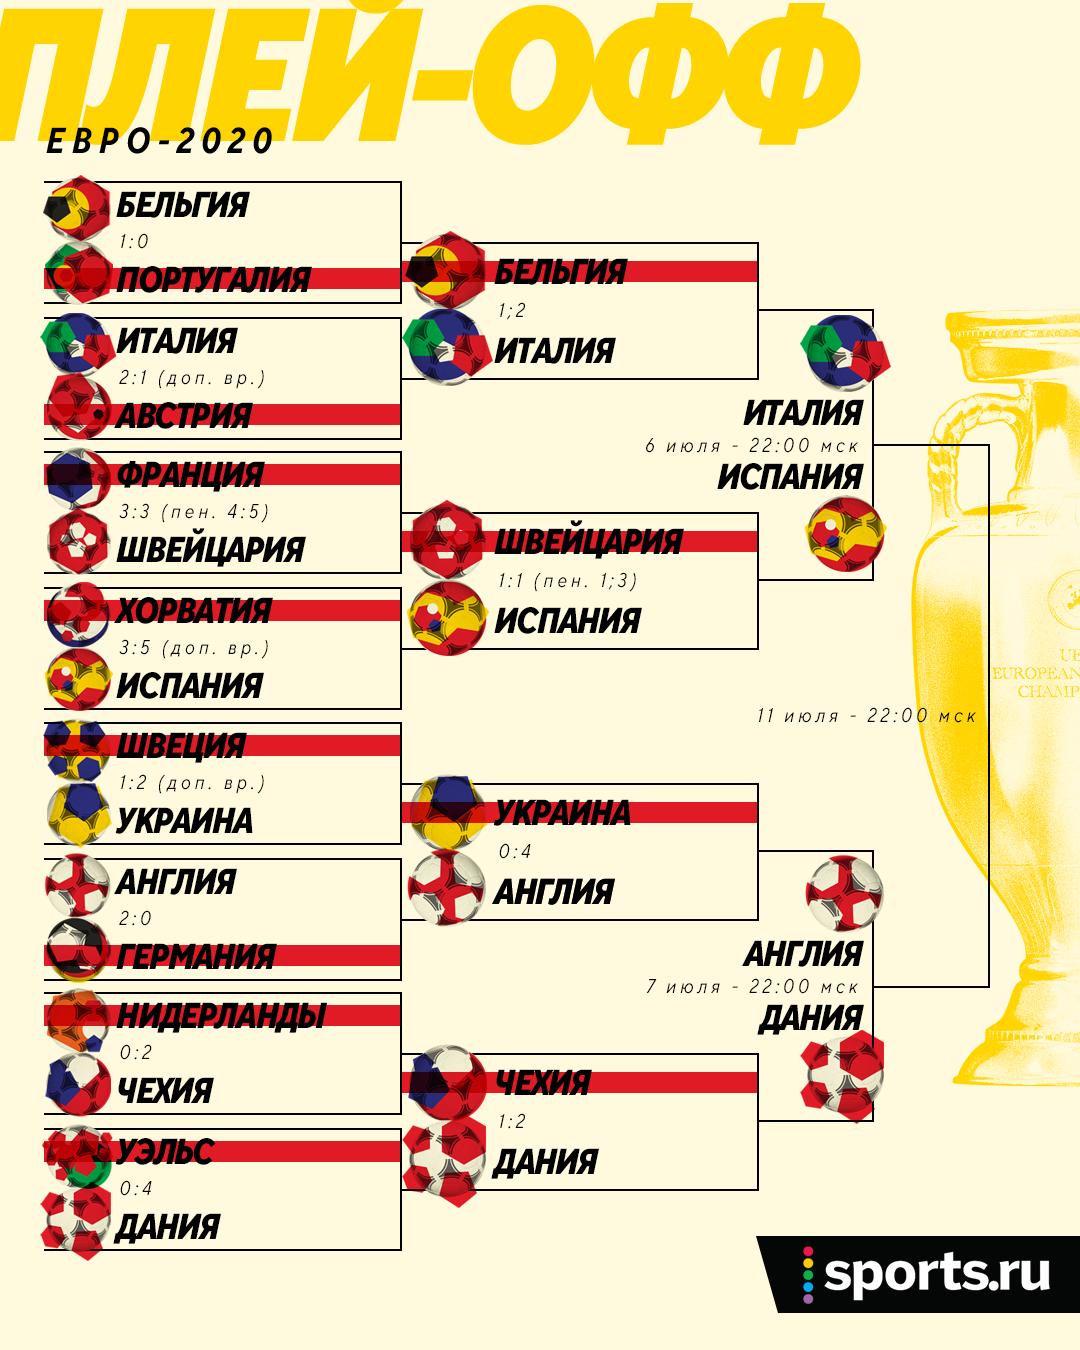 Полуфиналы и финал Евро пройдут в Лондоне. Вот полное расписание